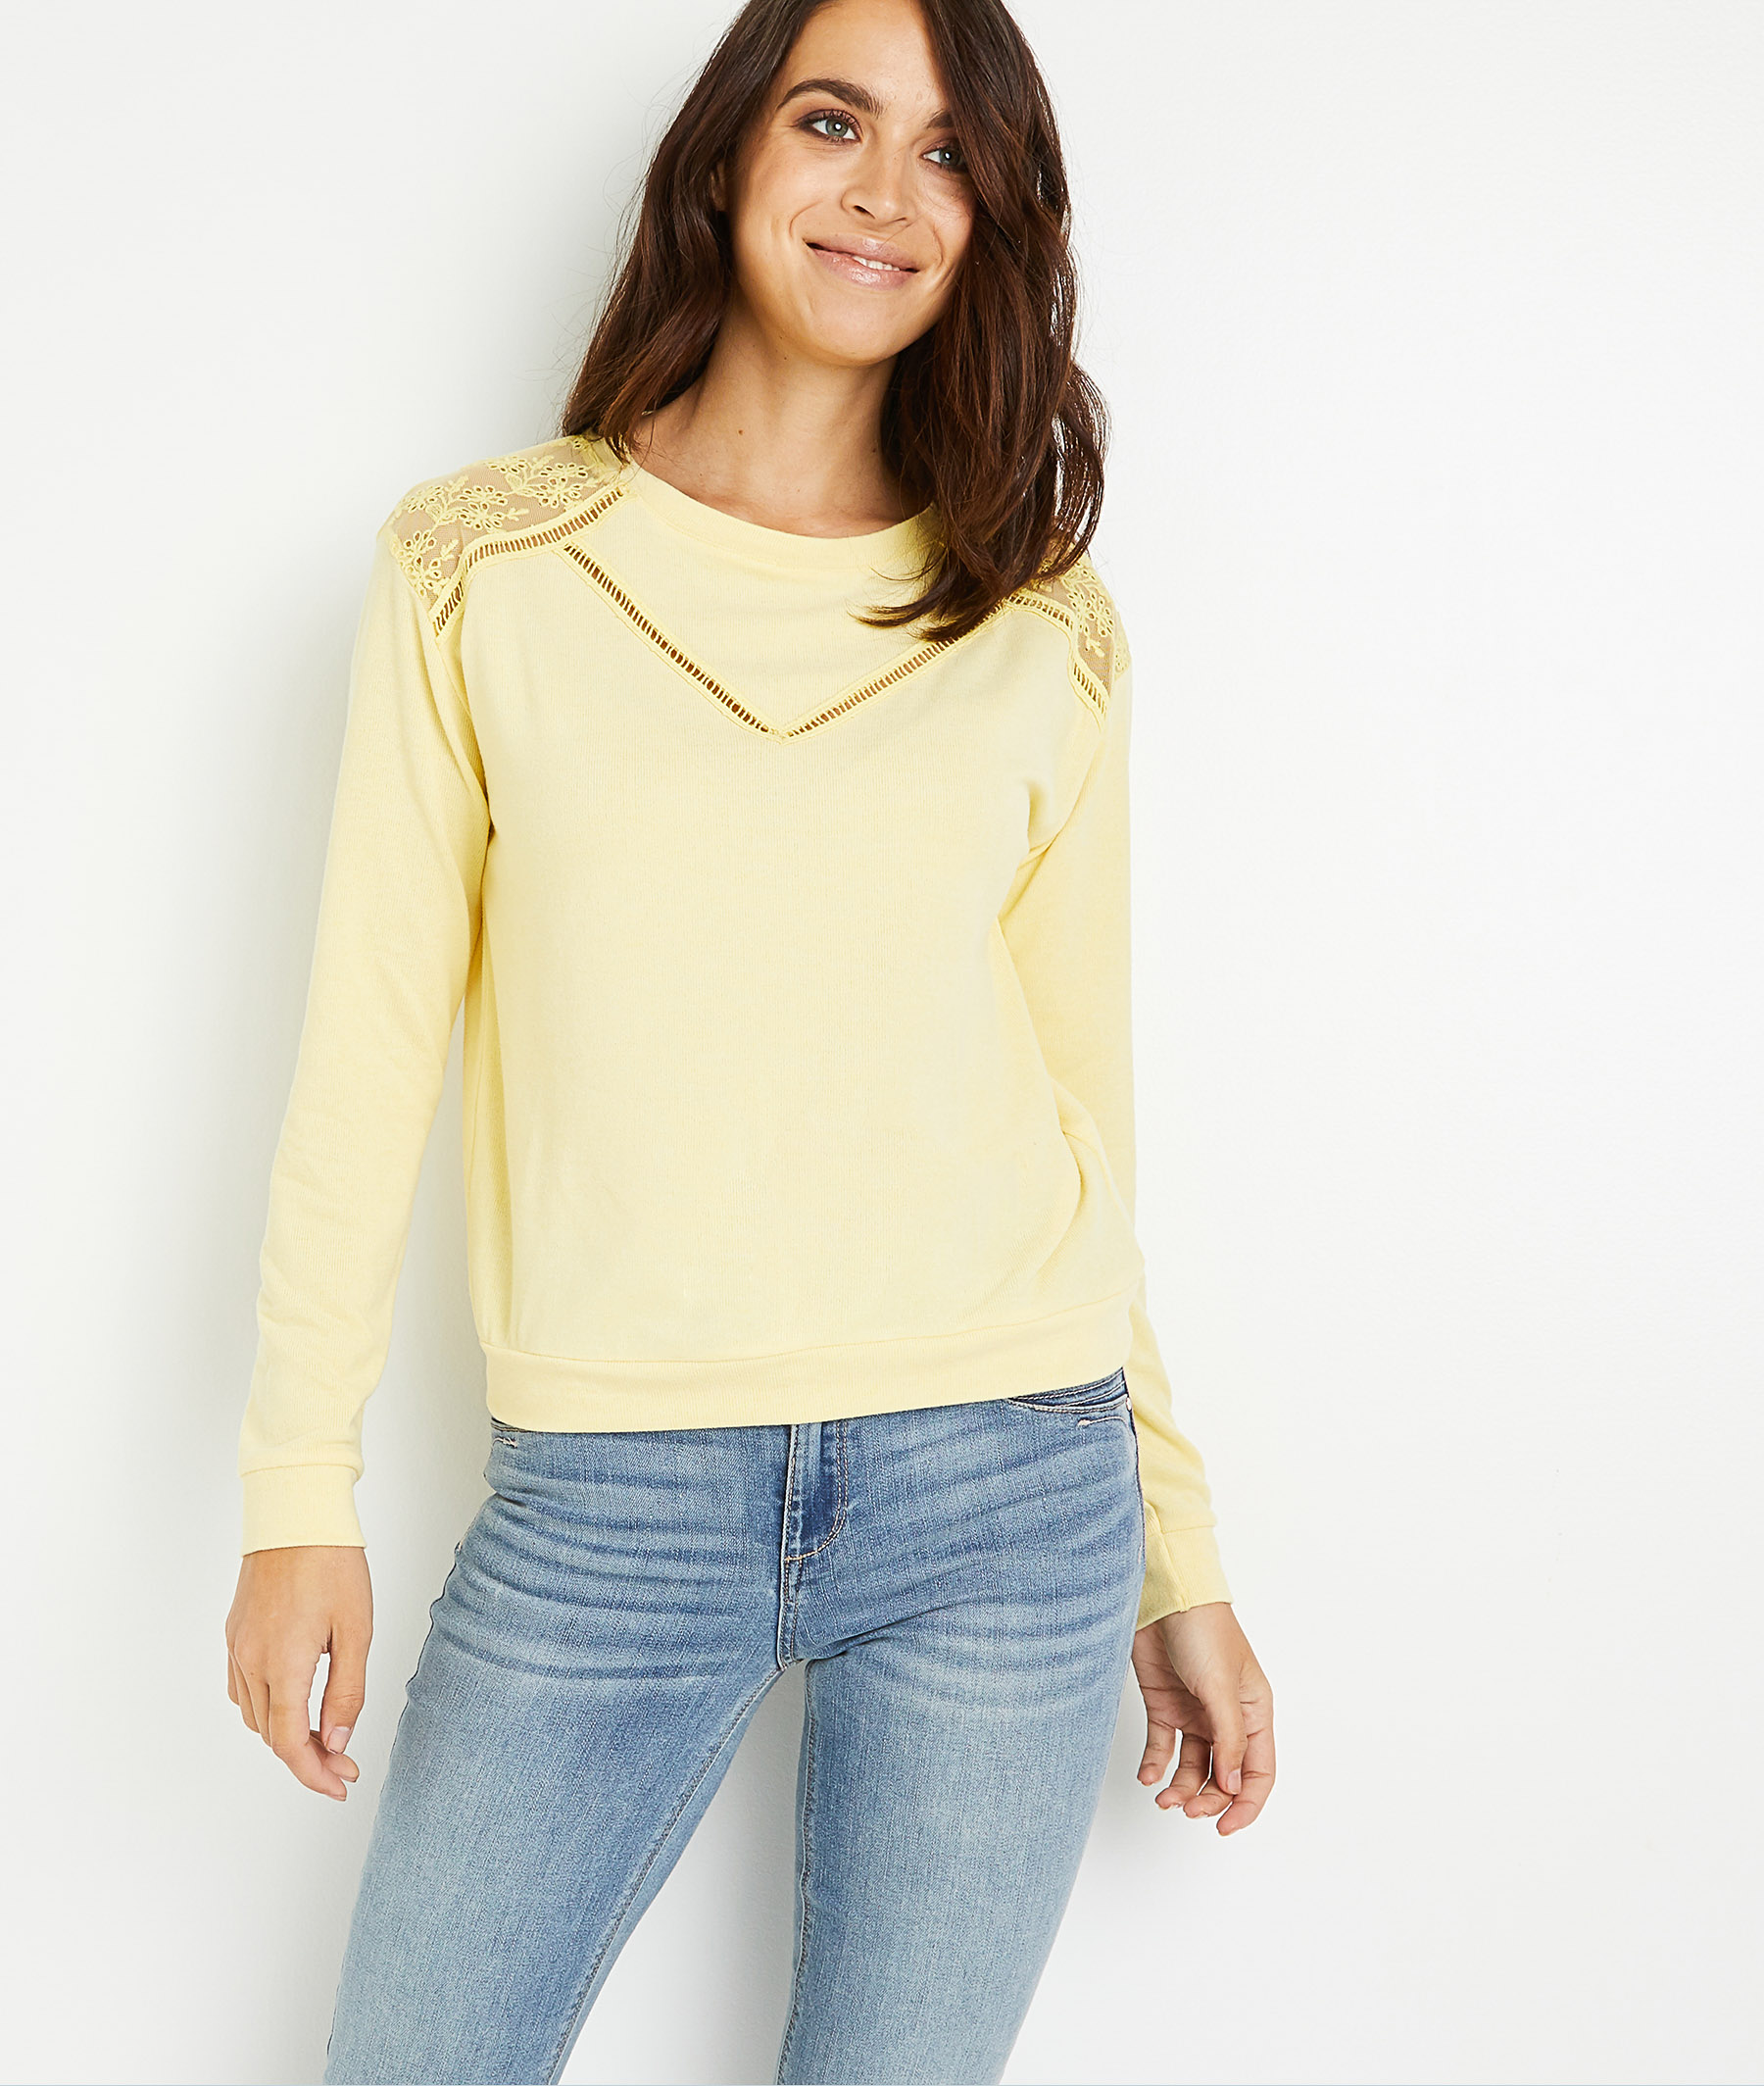 T-shirt jaune à manches longues femme JAUNE